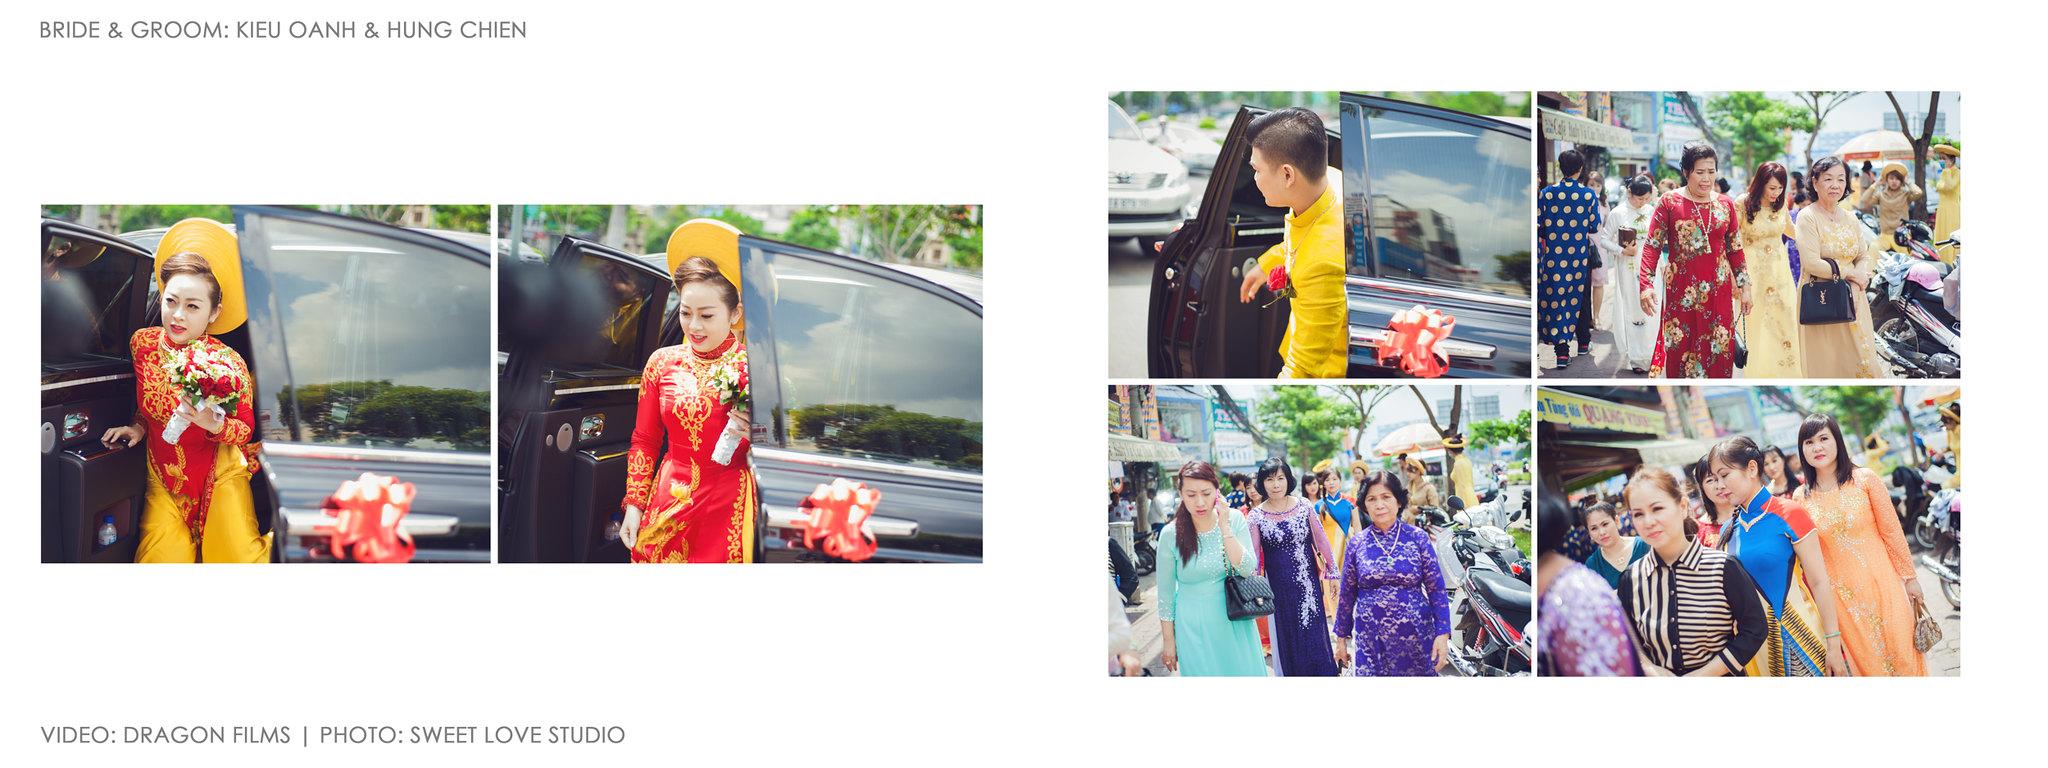 Chup-anh-cuoi-phong-su-Kieu-Oanh-Hung-Chien-20